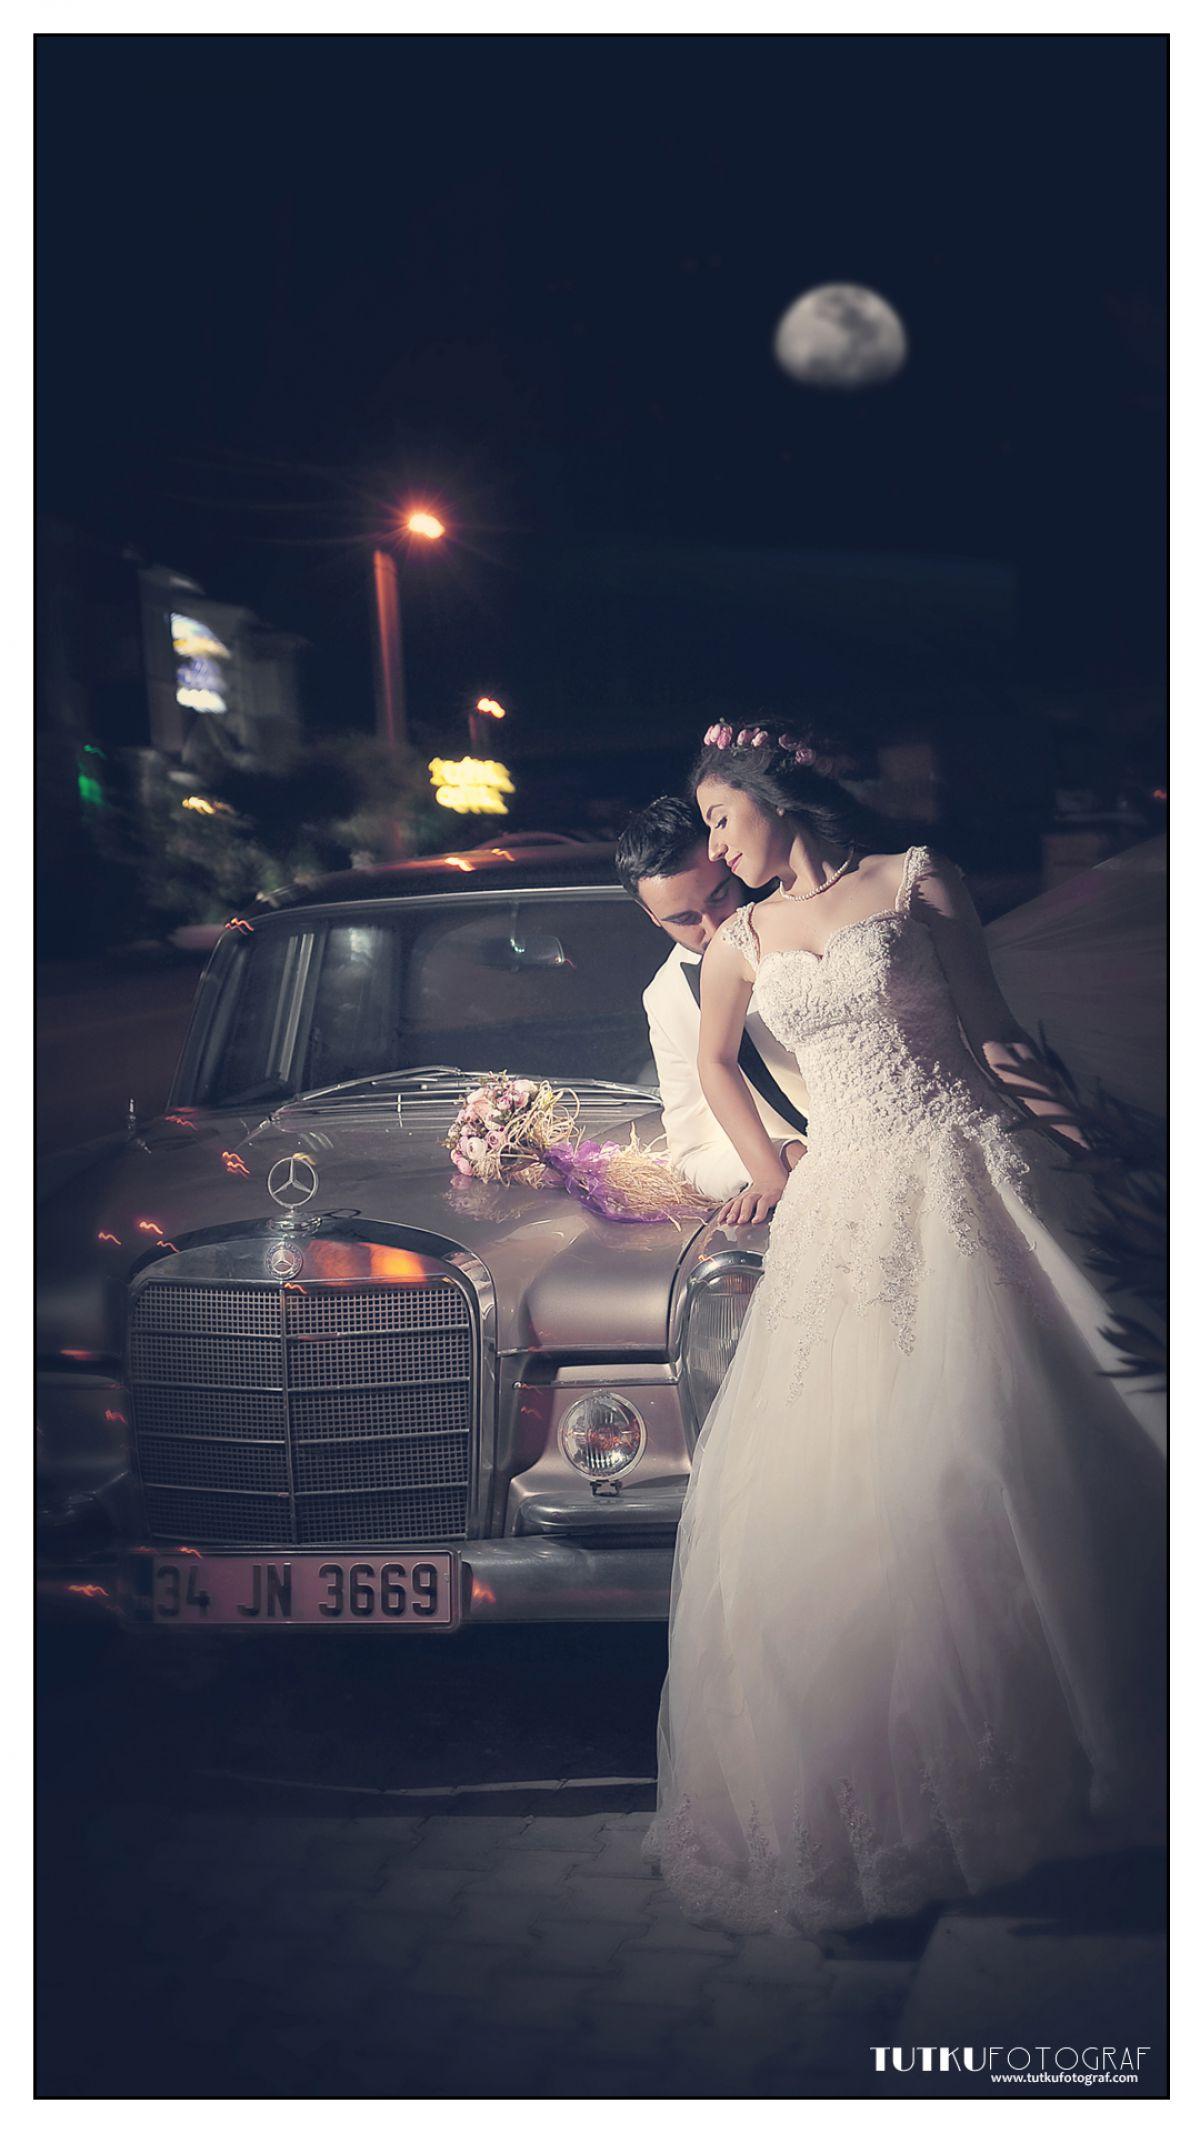 Alaçatı Düğün Albümü Çekimi-Alacati-Dugun-Fotografi-Dis-Mekan-Fotograf-Albumu-Cekimi-11